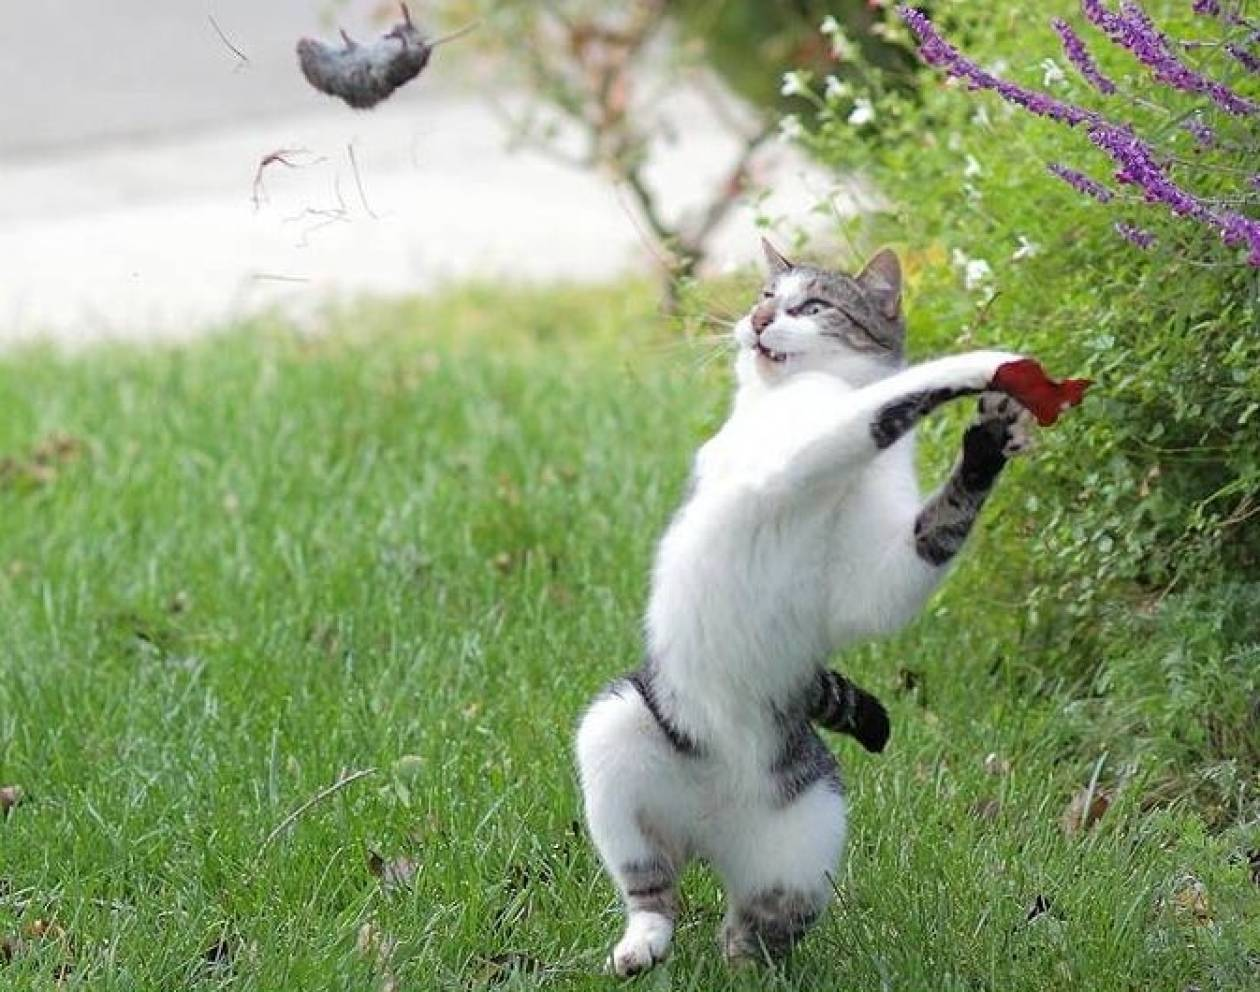 Ο γάτος που παίζει μπέιζμπολ με ένα…ποντίκι